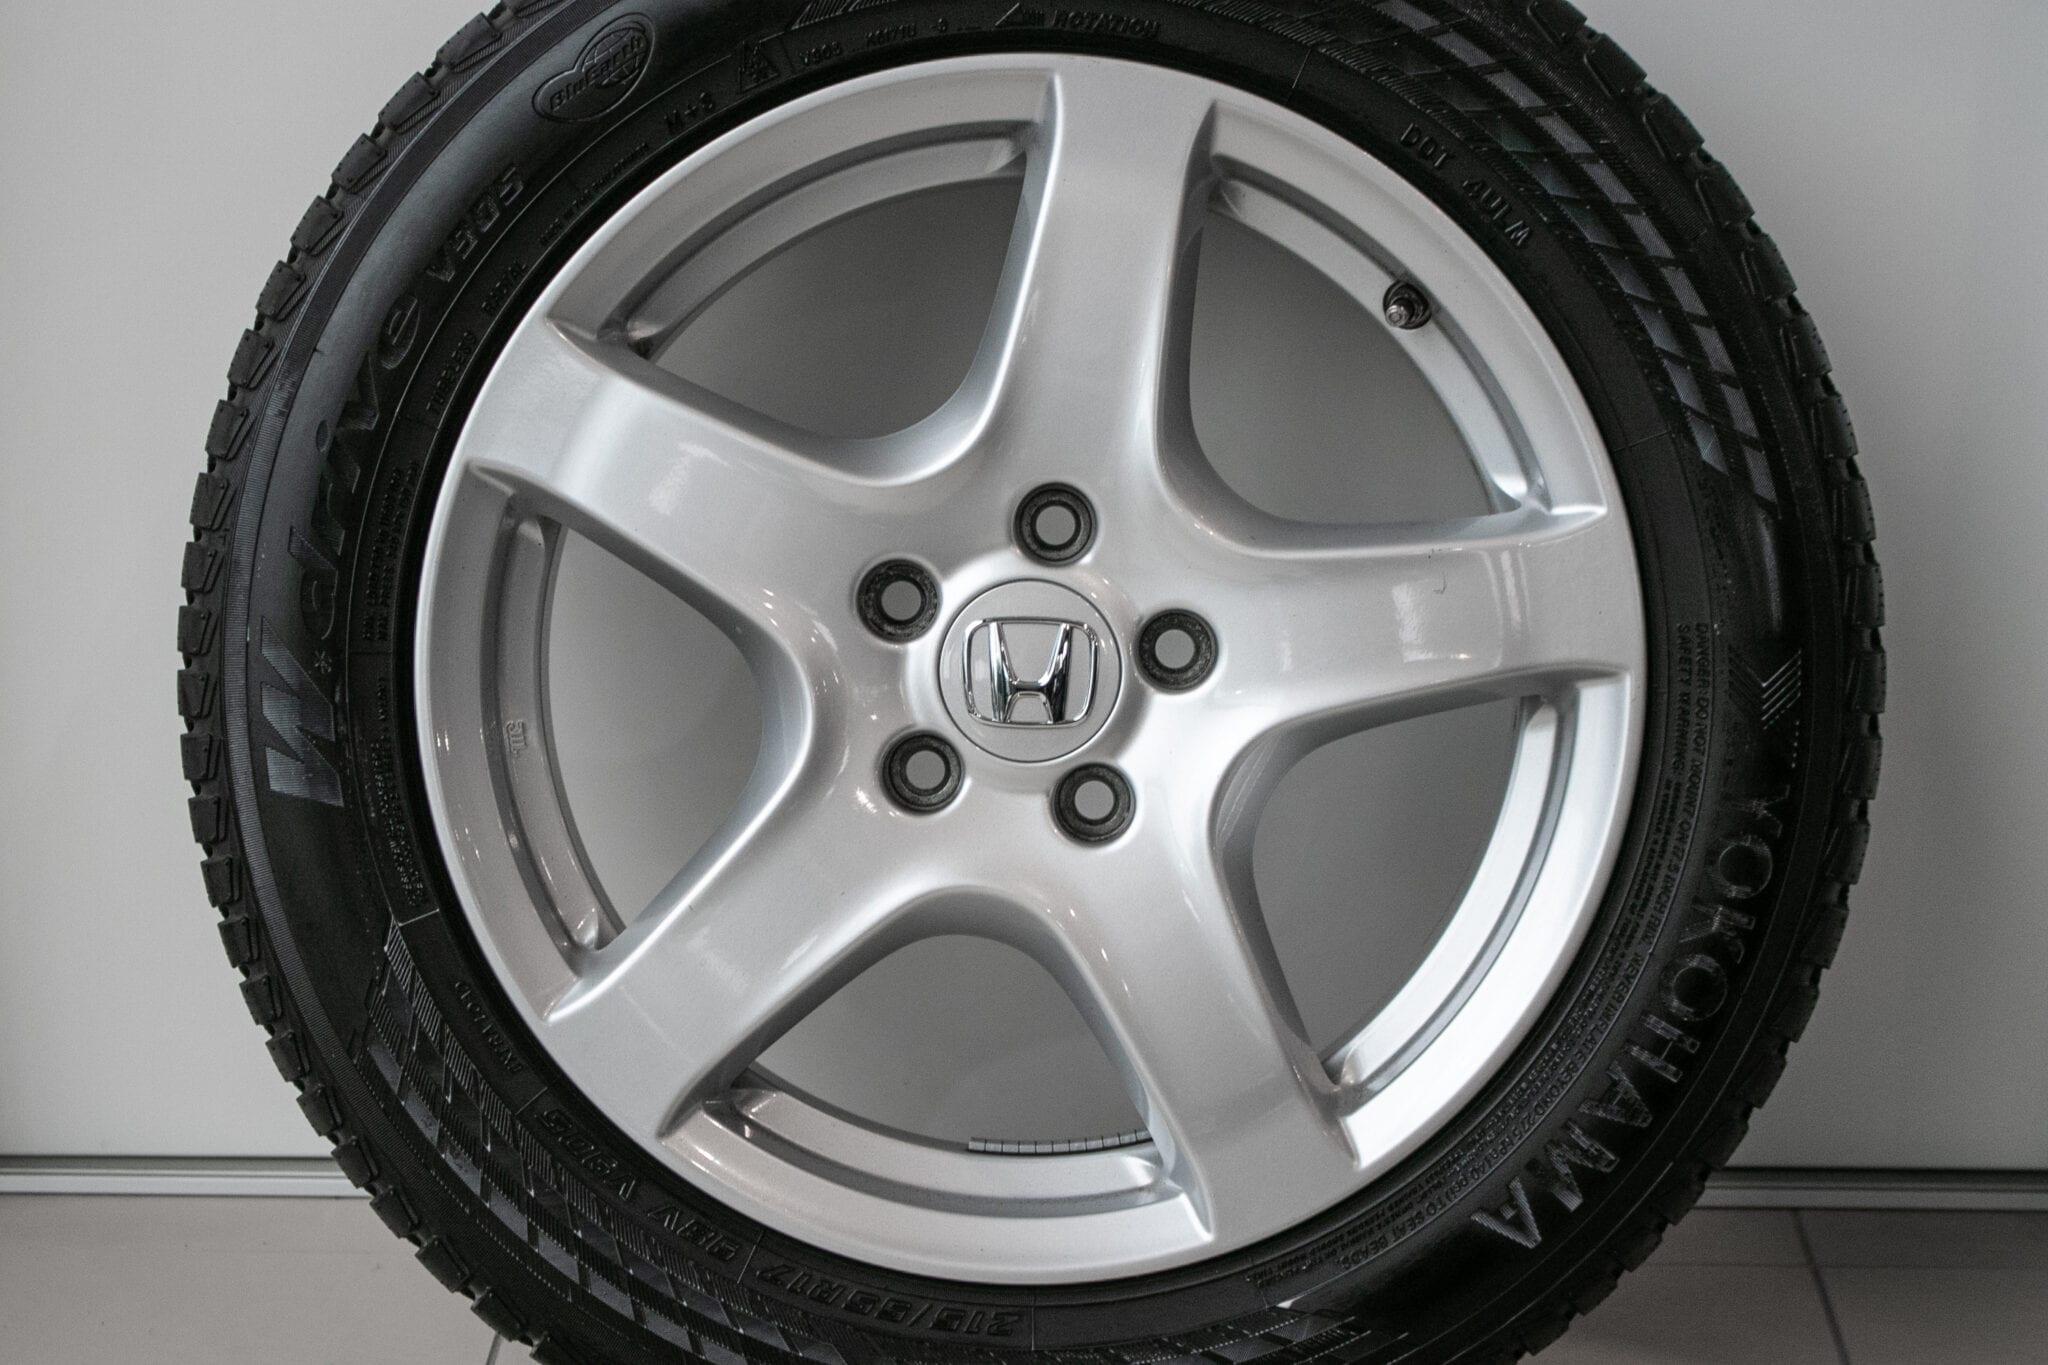 """17"""" Winterwielen voor de Honda HR-V ('16-'20)  €599,- Gebruikt. Profieldiepte: 6.7mm - 7.1mm"""